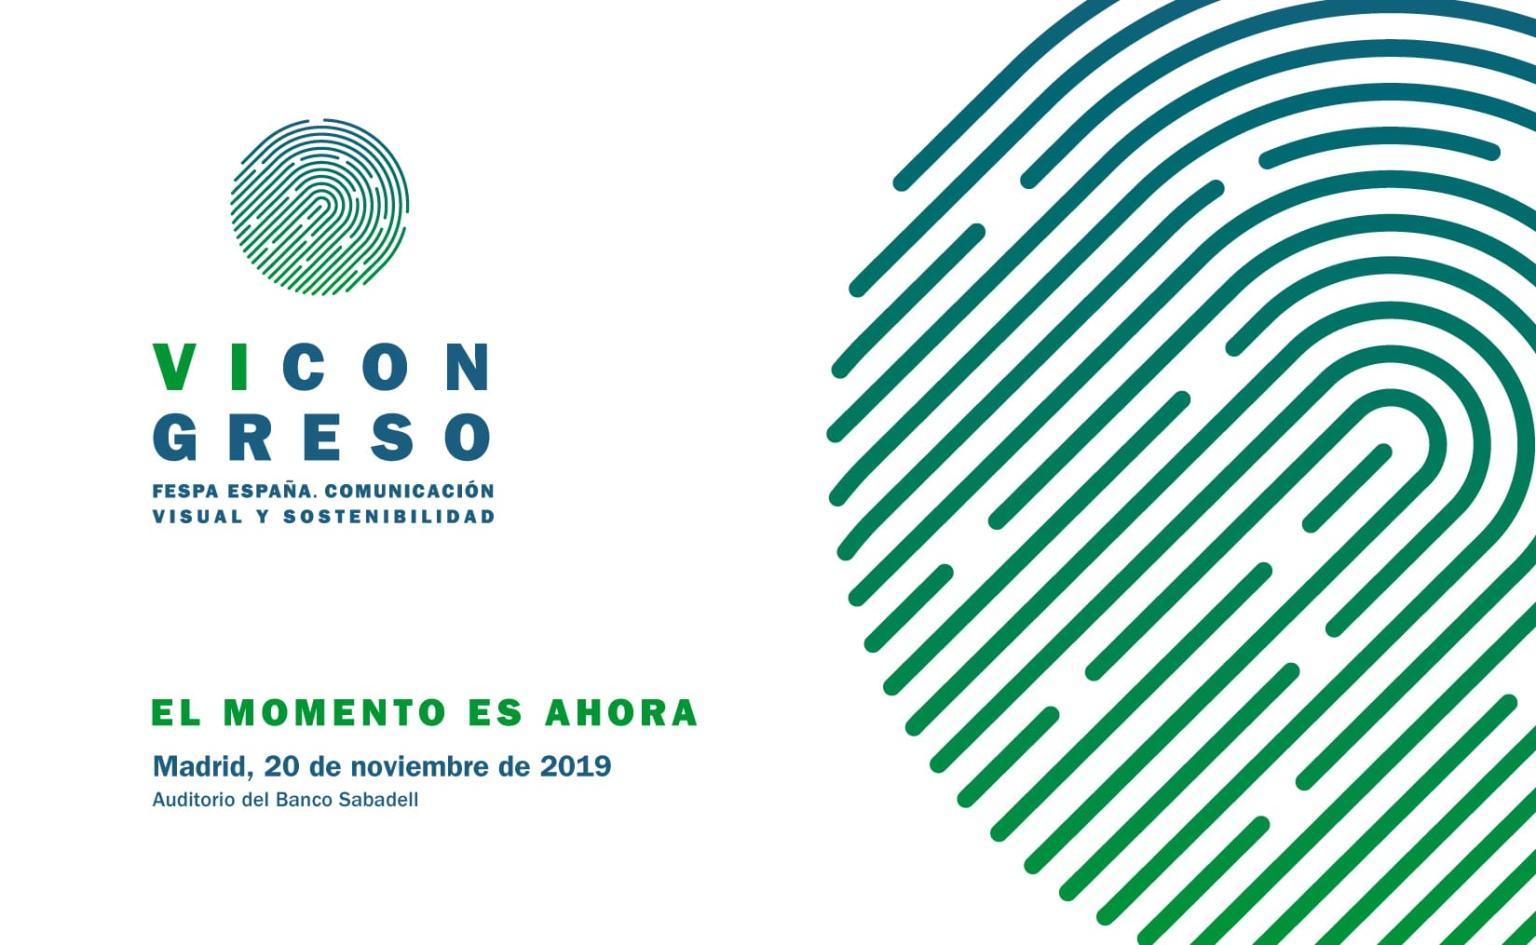 """Jesvy participa en el VI Congreso de FESPA España """"Comunicación visual y sostenibilidad"""""""